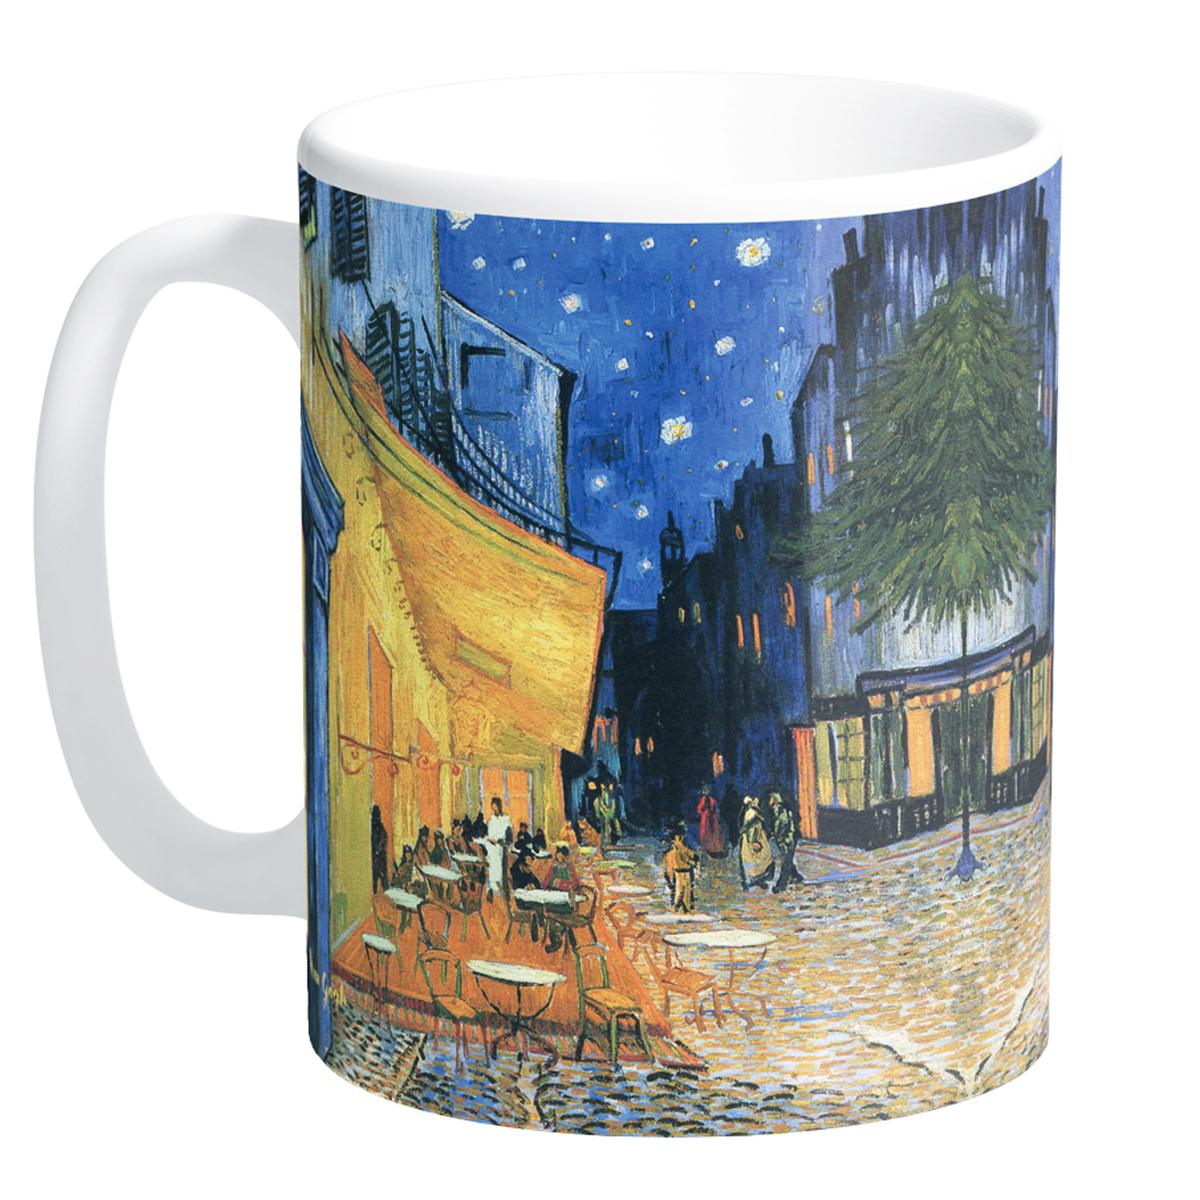 Mug céramique \'Vincent Van Gogh\' (Terrasse du café le soir) - 95x8 cm - [Q9265]